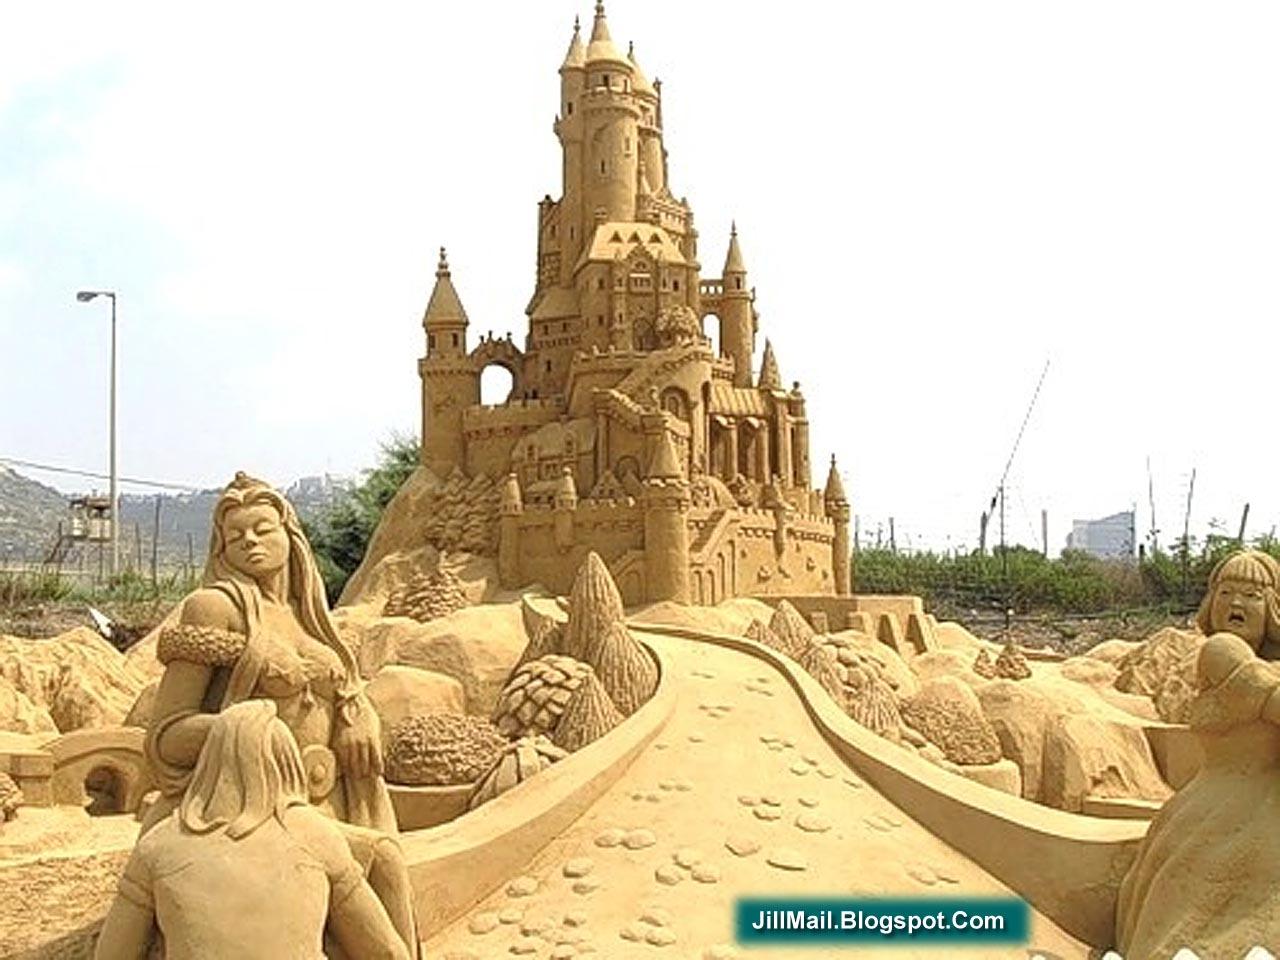 JILL MAIL . BLOGSPOT . COM: Sand Art (Amazing Photos)